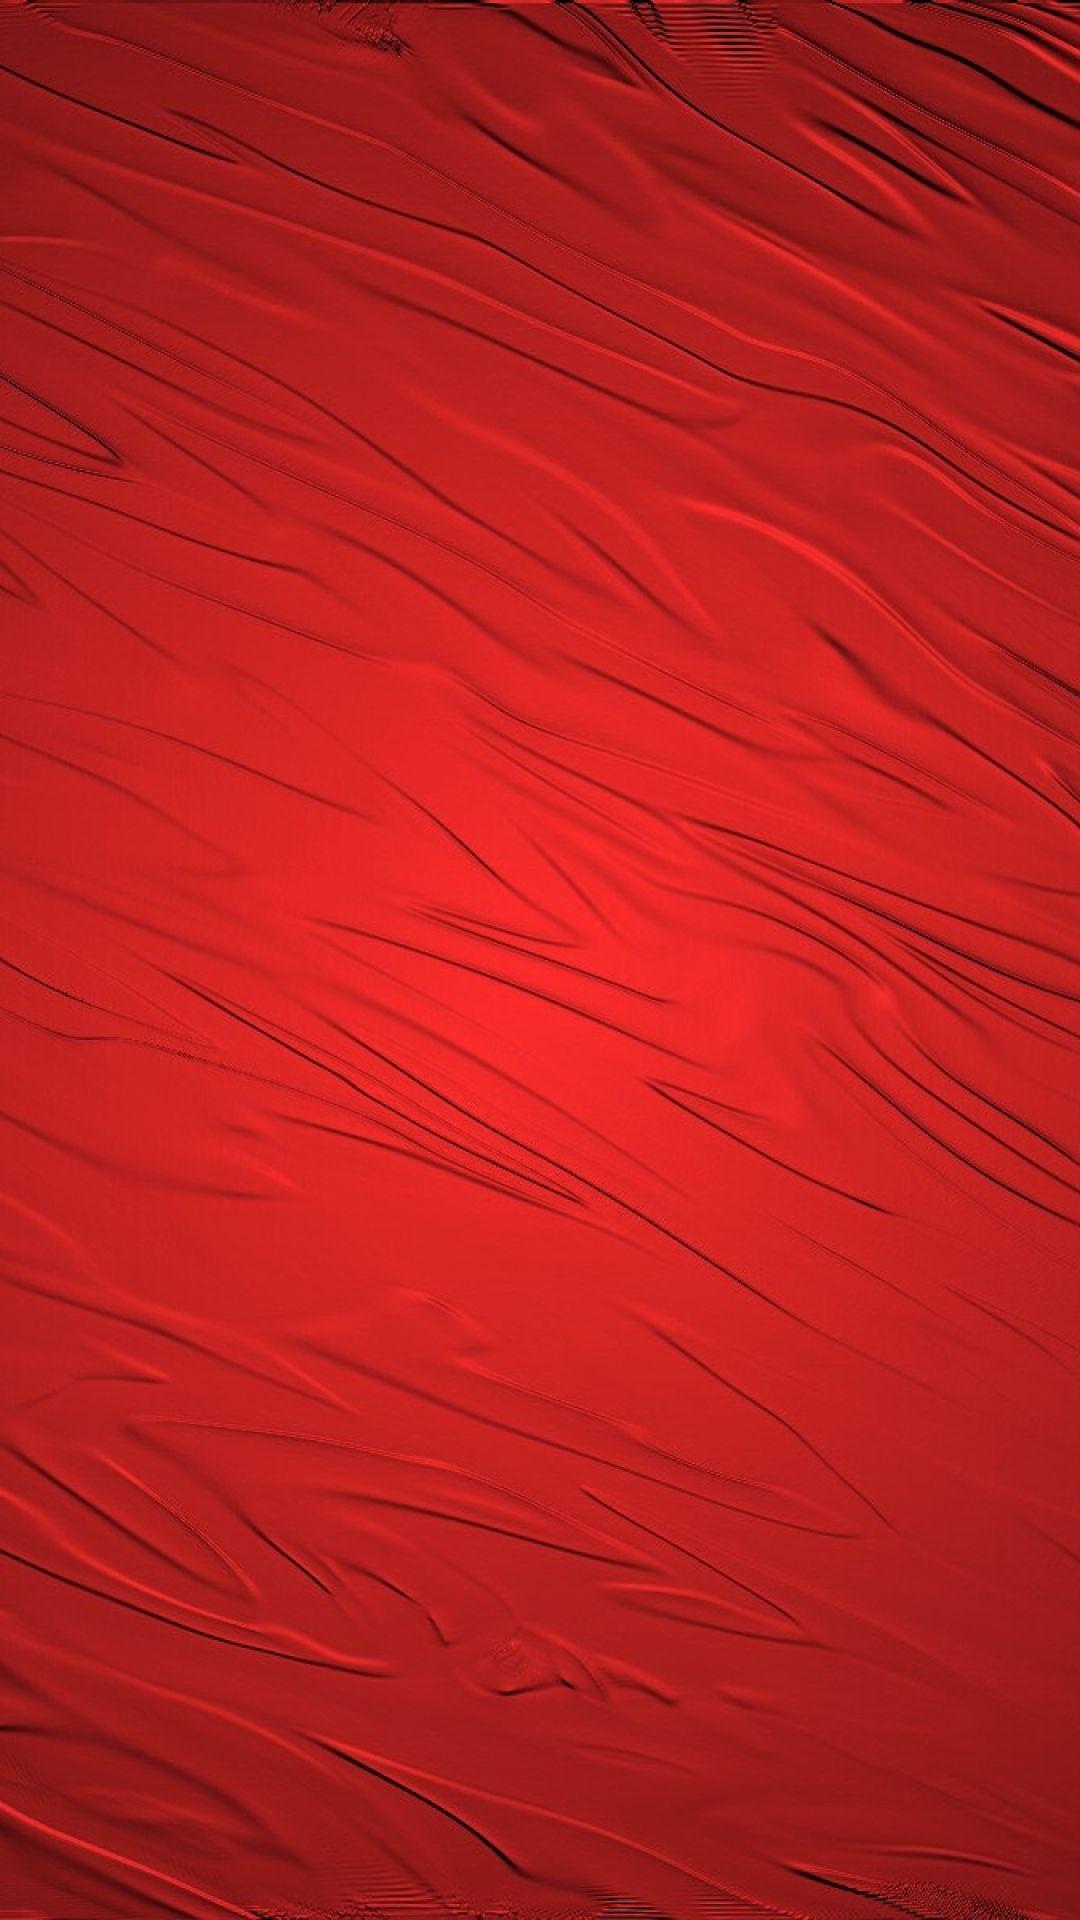 真っ赤な布地 Iphone8 スマホ壁紙 待受画像ギャラリー 赤い壁紙 壁紙 赤 壁紙 Iphone シンプル